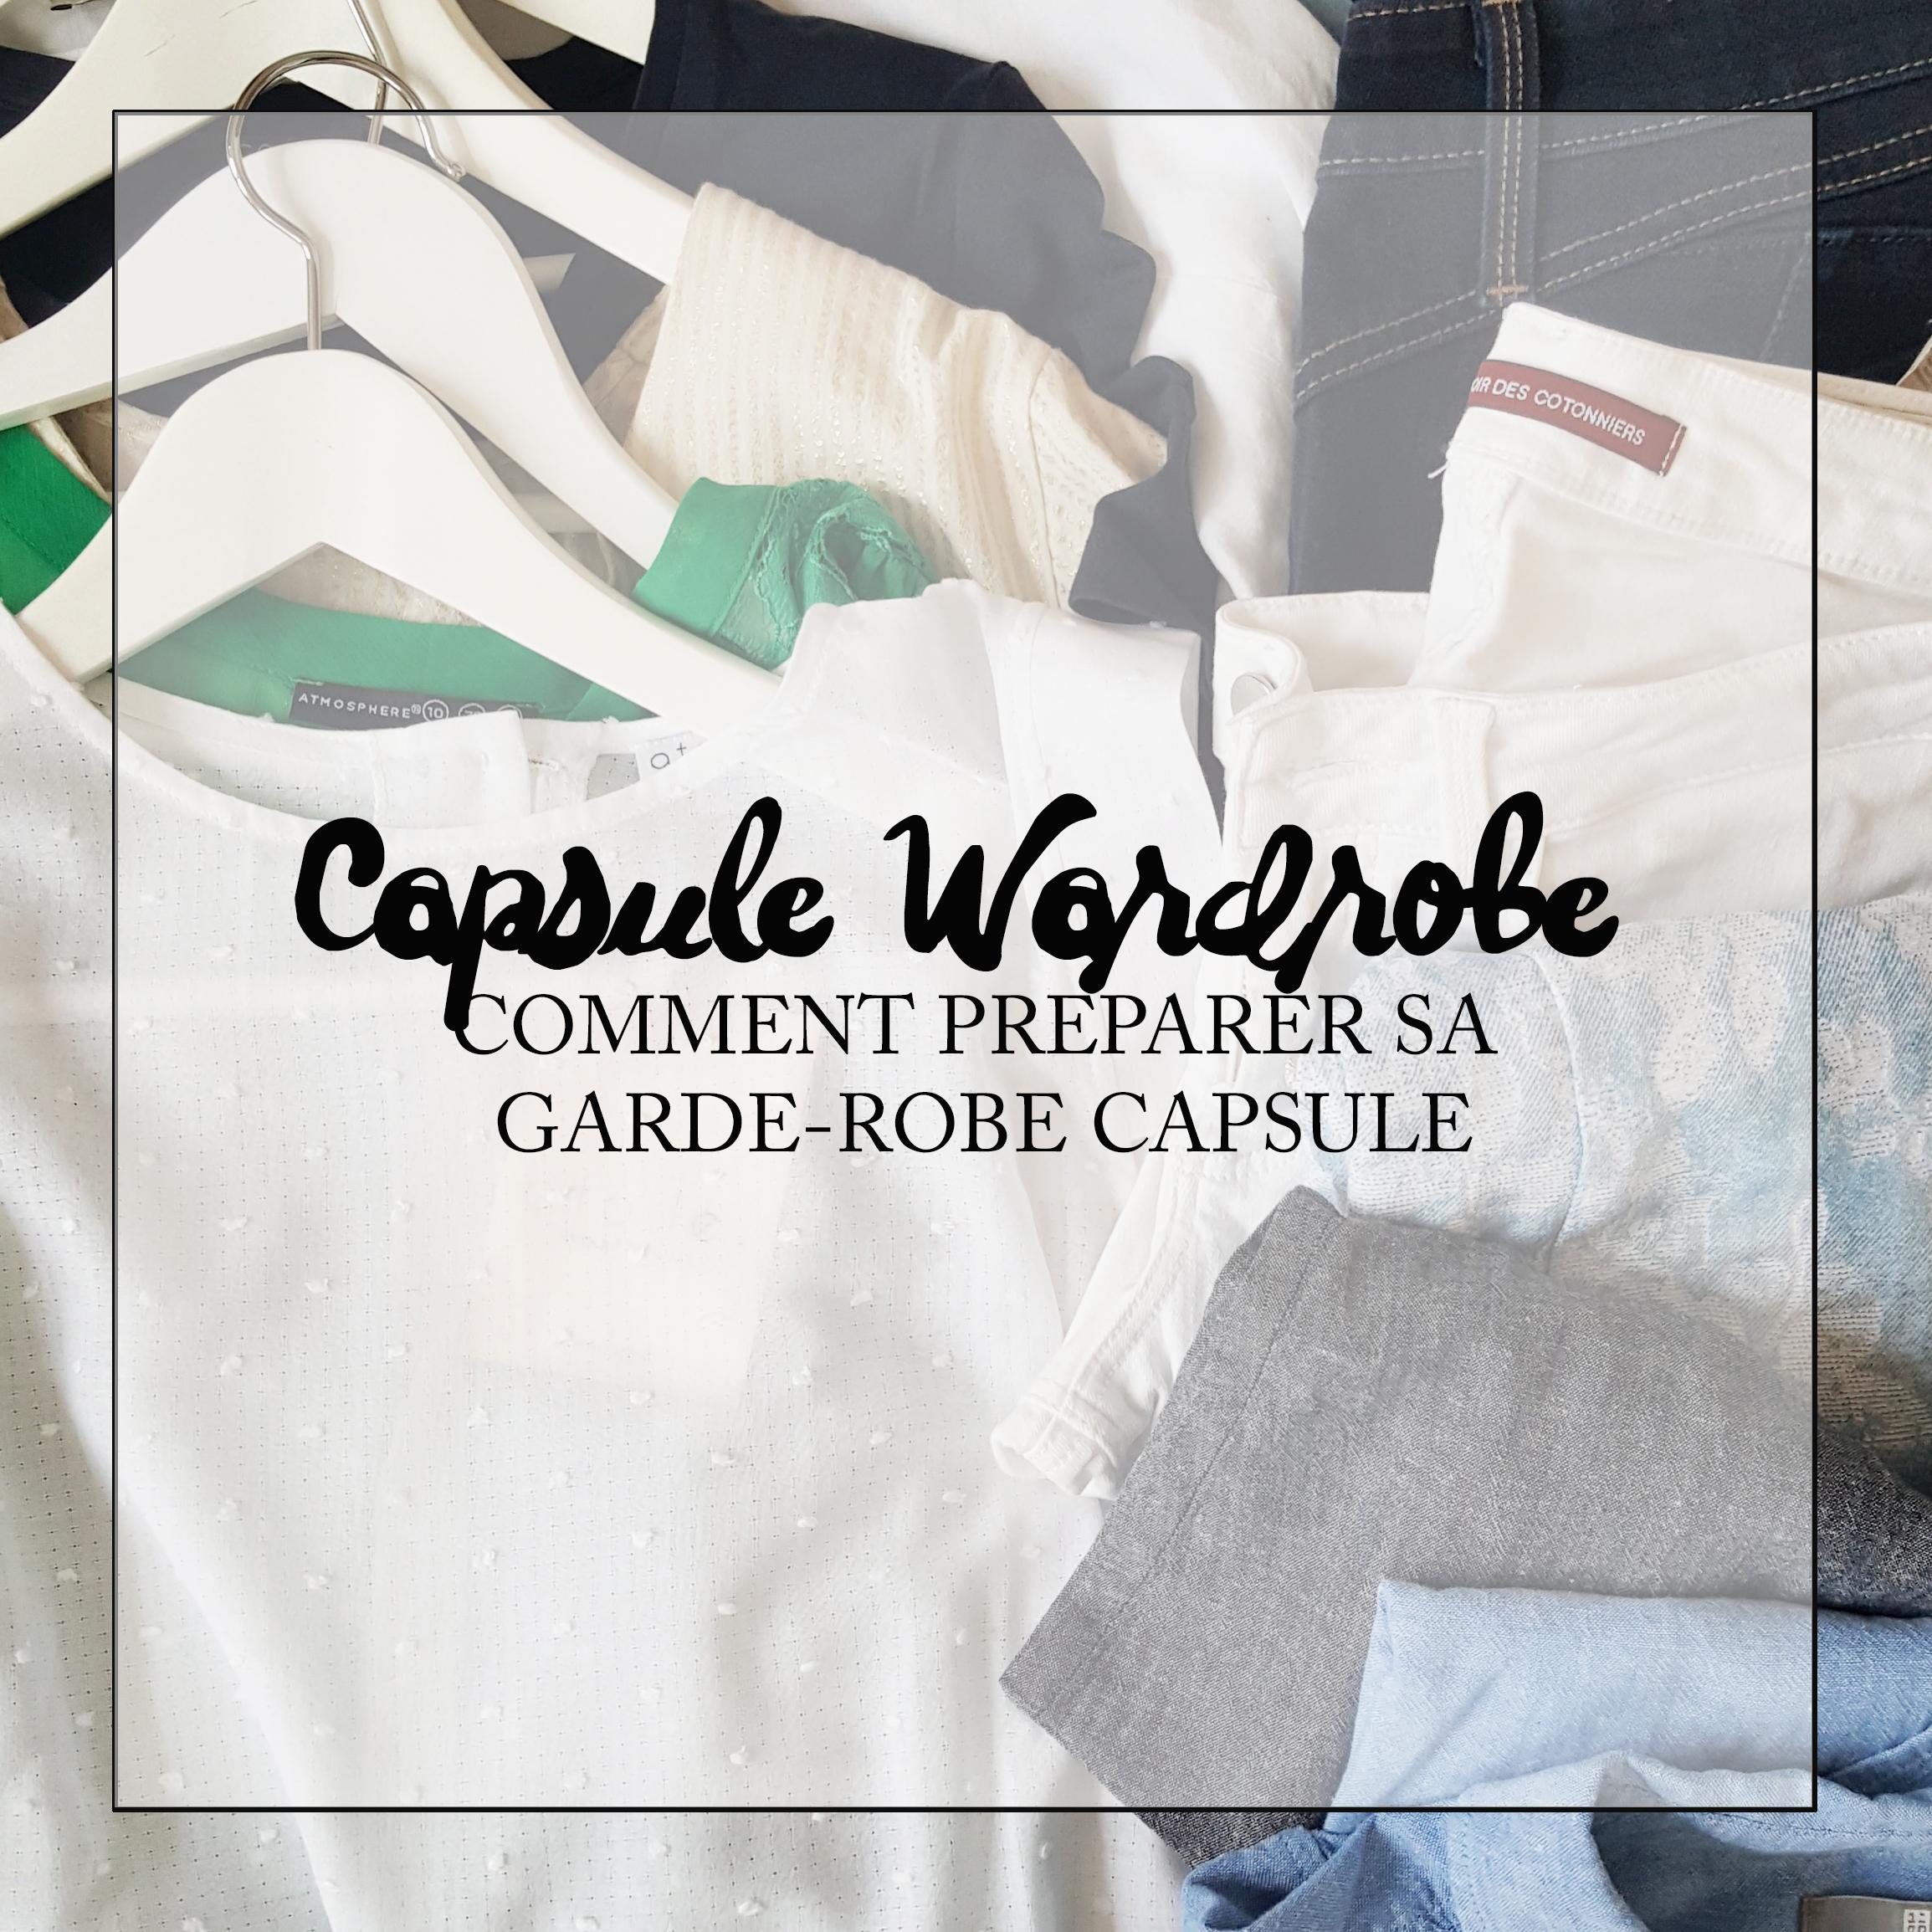 Capsule wardrobe preparer sa capsule